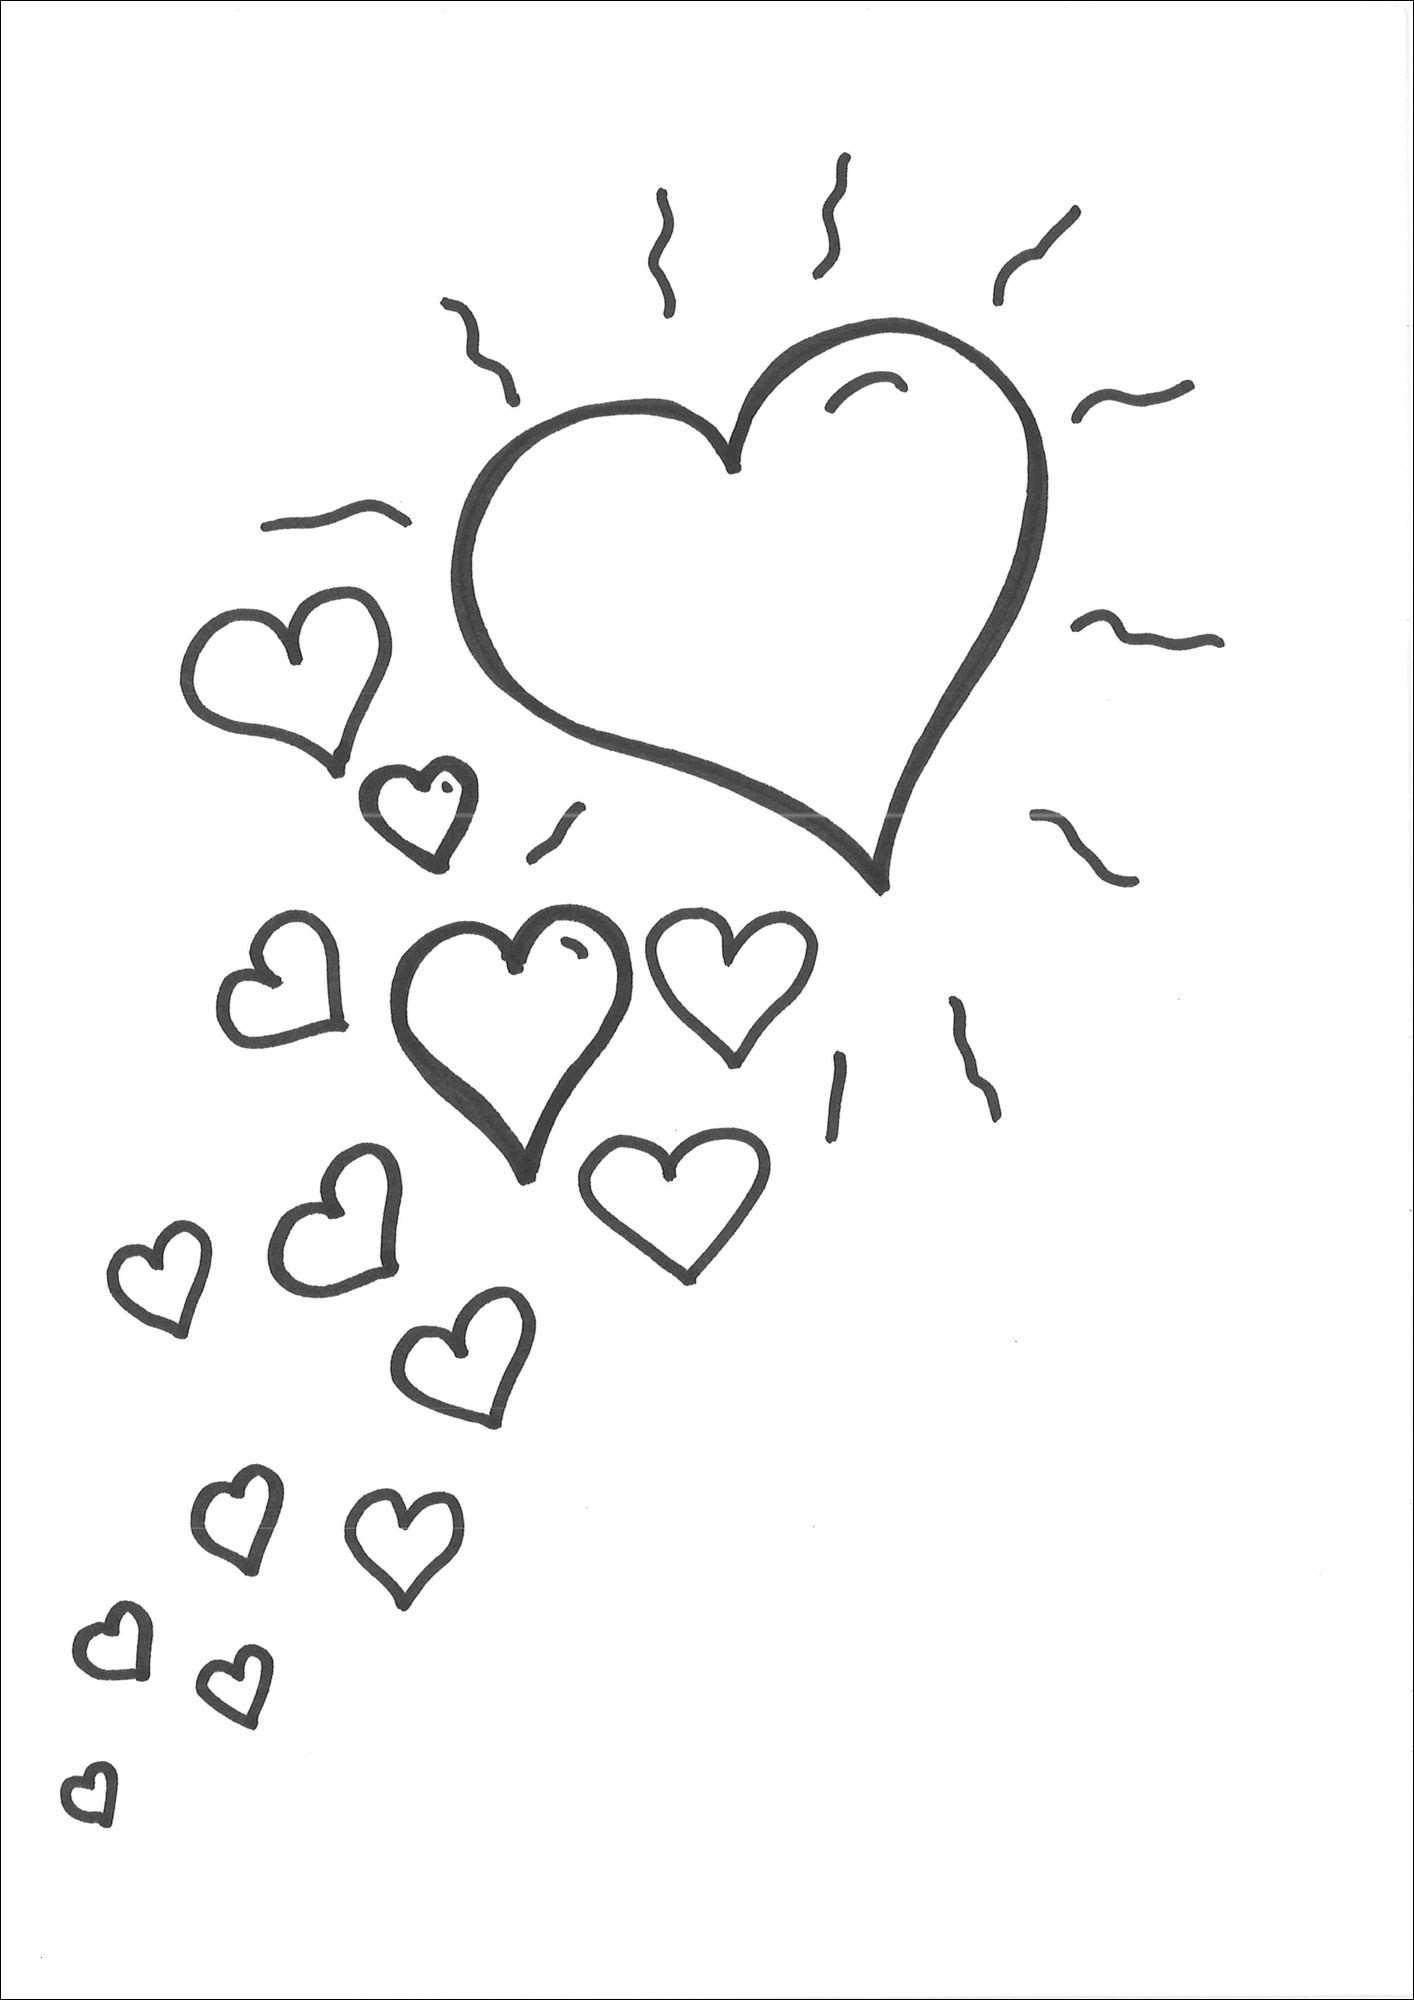 Ausmalbilder Rosen Mit Herz Frisch Ausmalbilder Rosen Mit Herz Vorstellung Herz Malvorlagen Neu Pin Bild